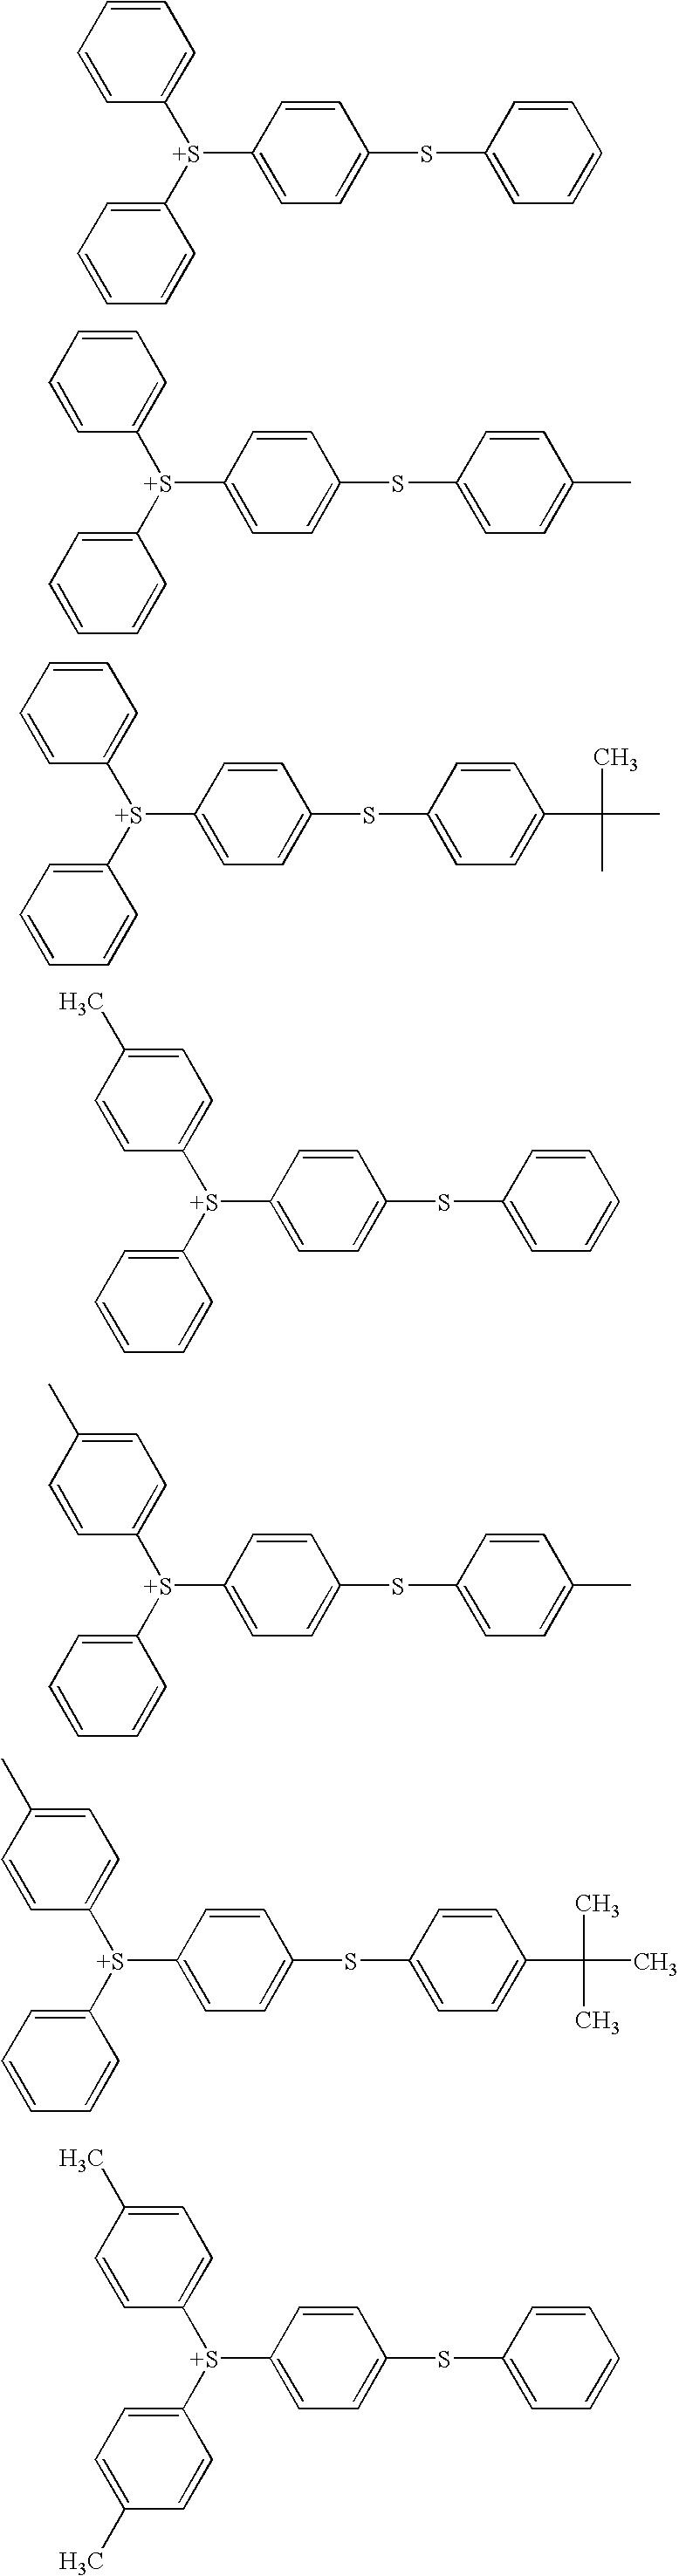 Figure US20100323296A1-20101223-C00139